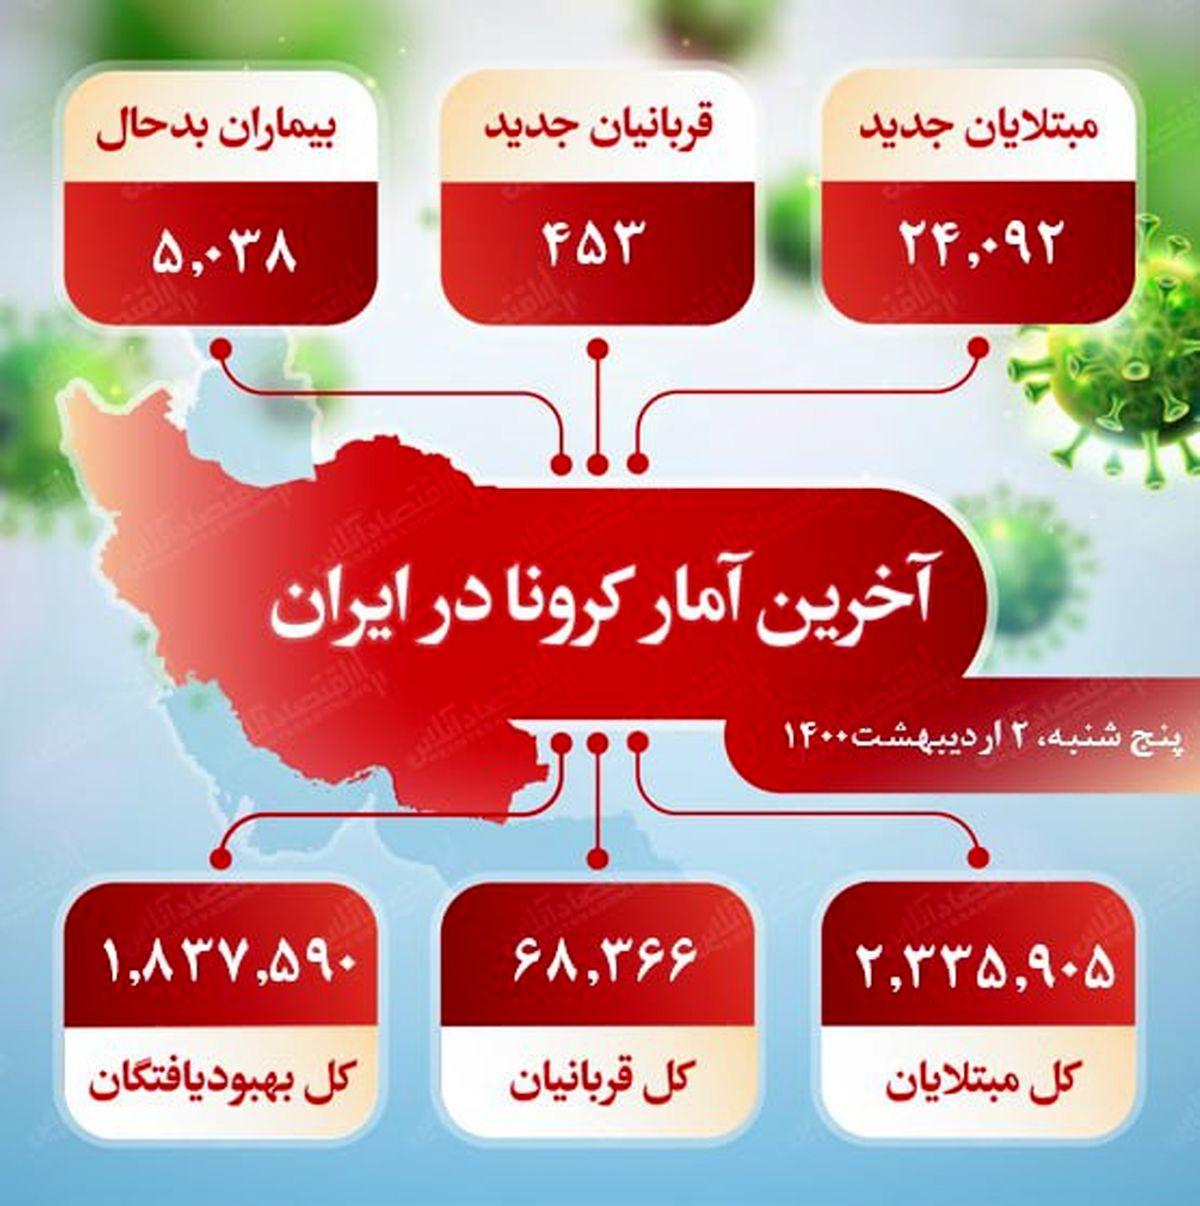 آخرین آمار کرونا در ایران (۱۴۰۰/۲/۲)